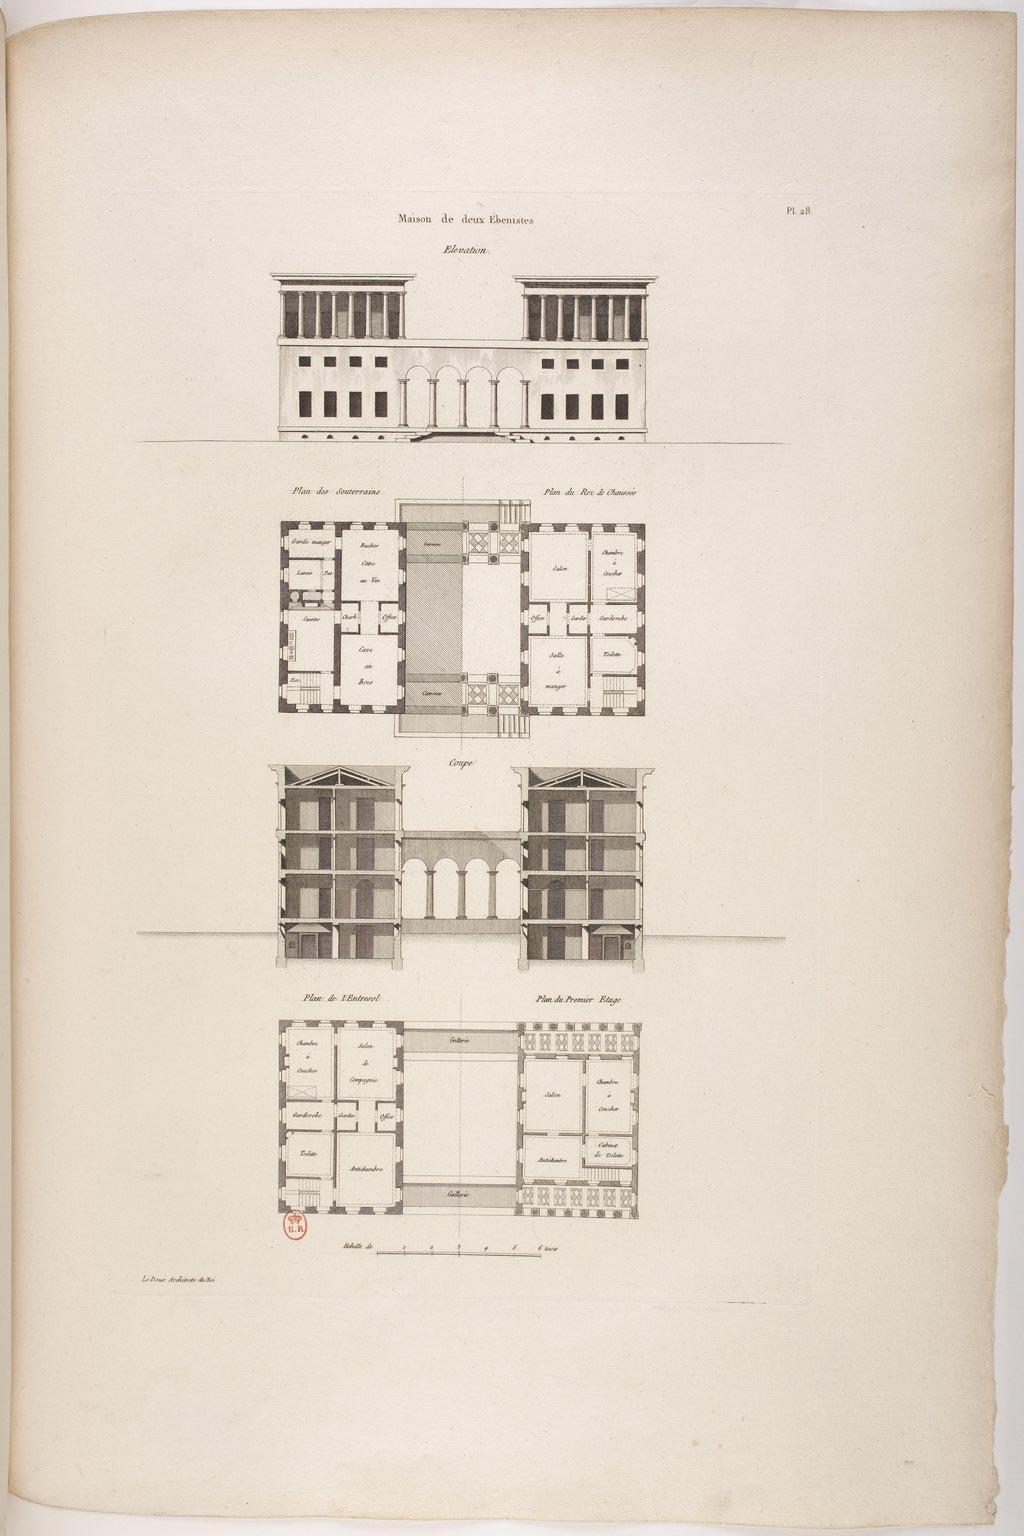 ledoux-claude-architecture-307